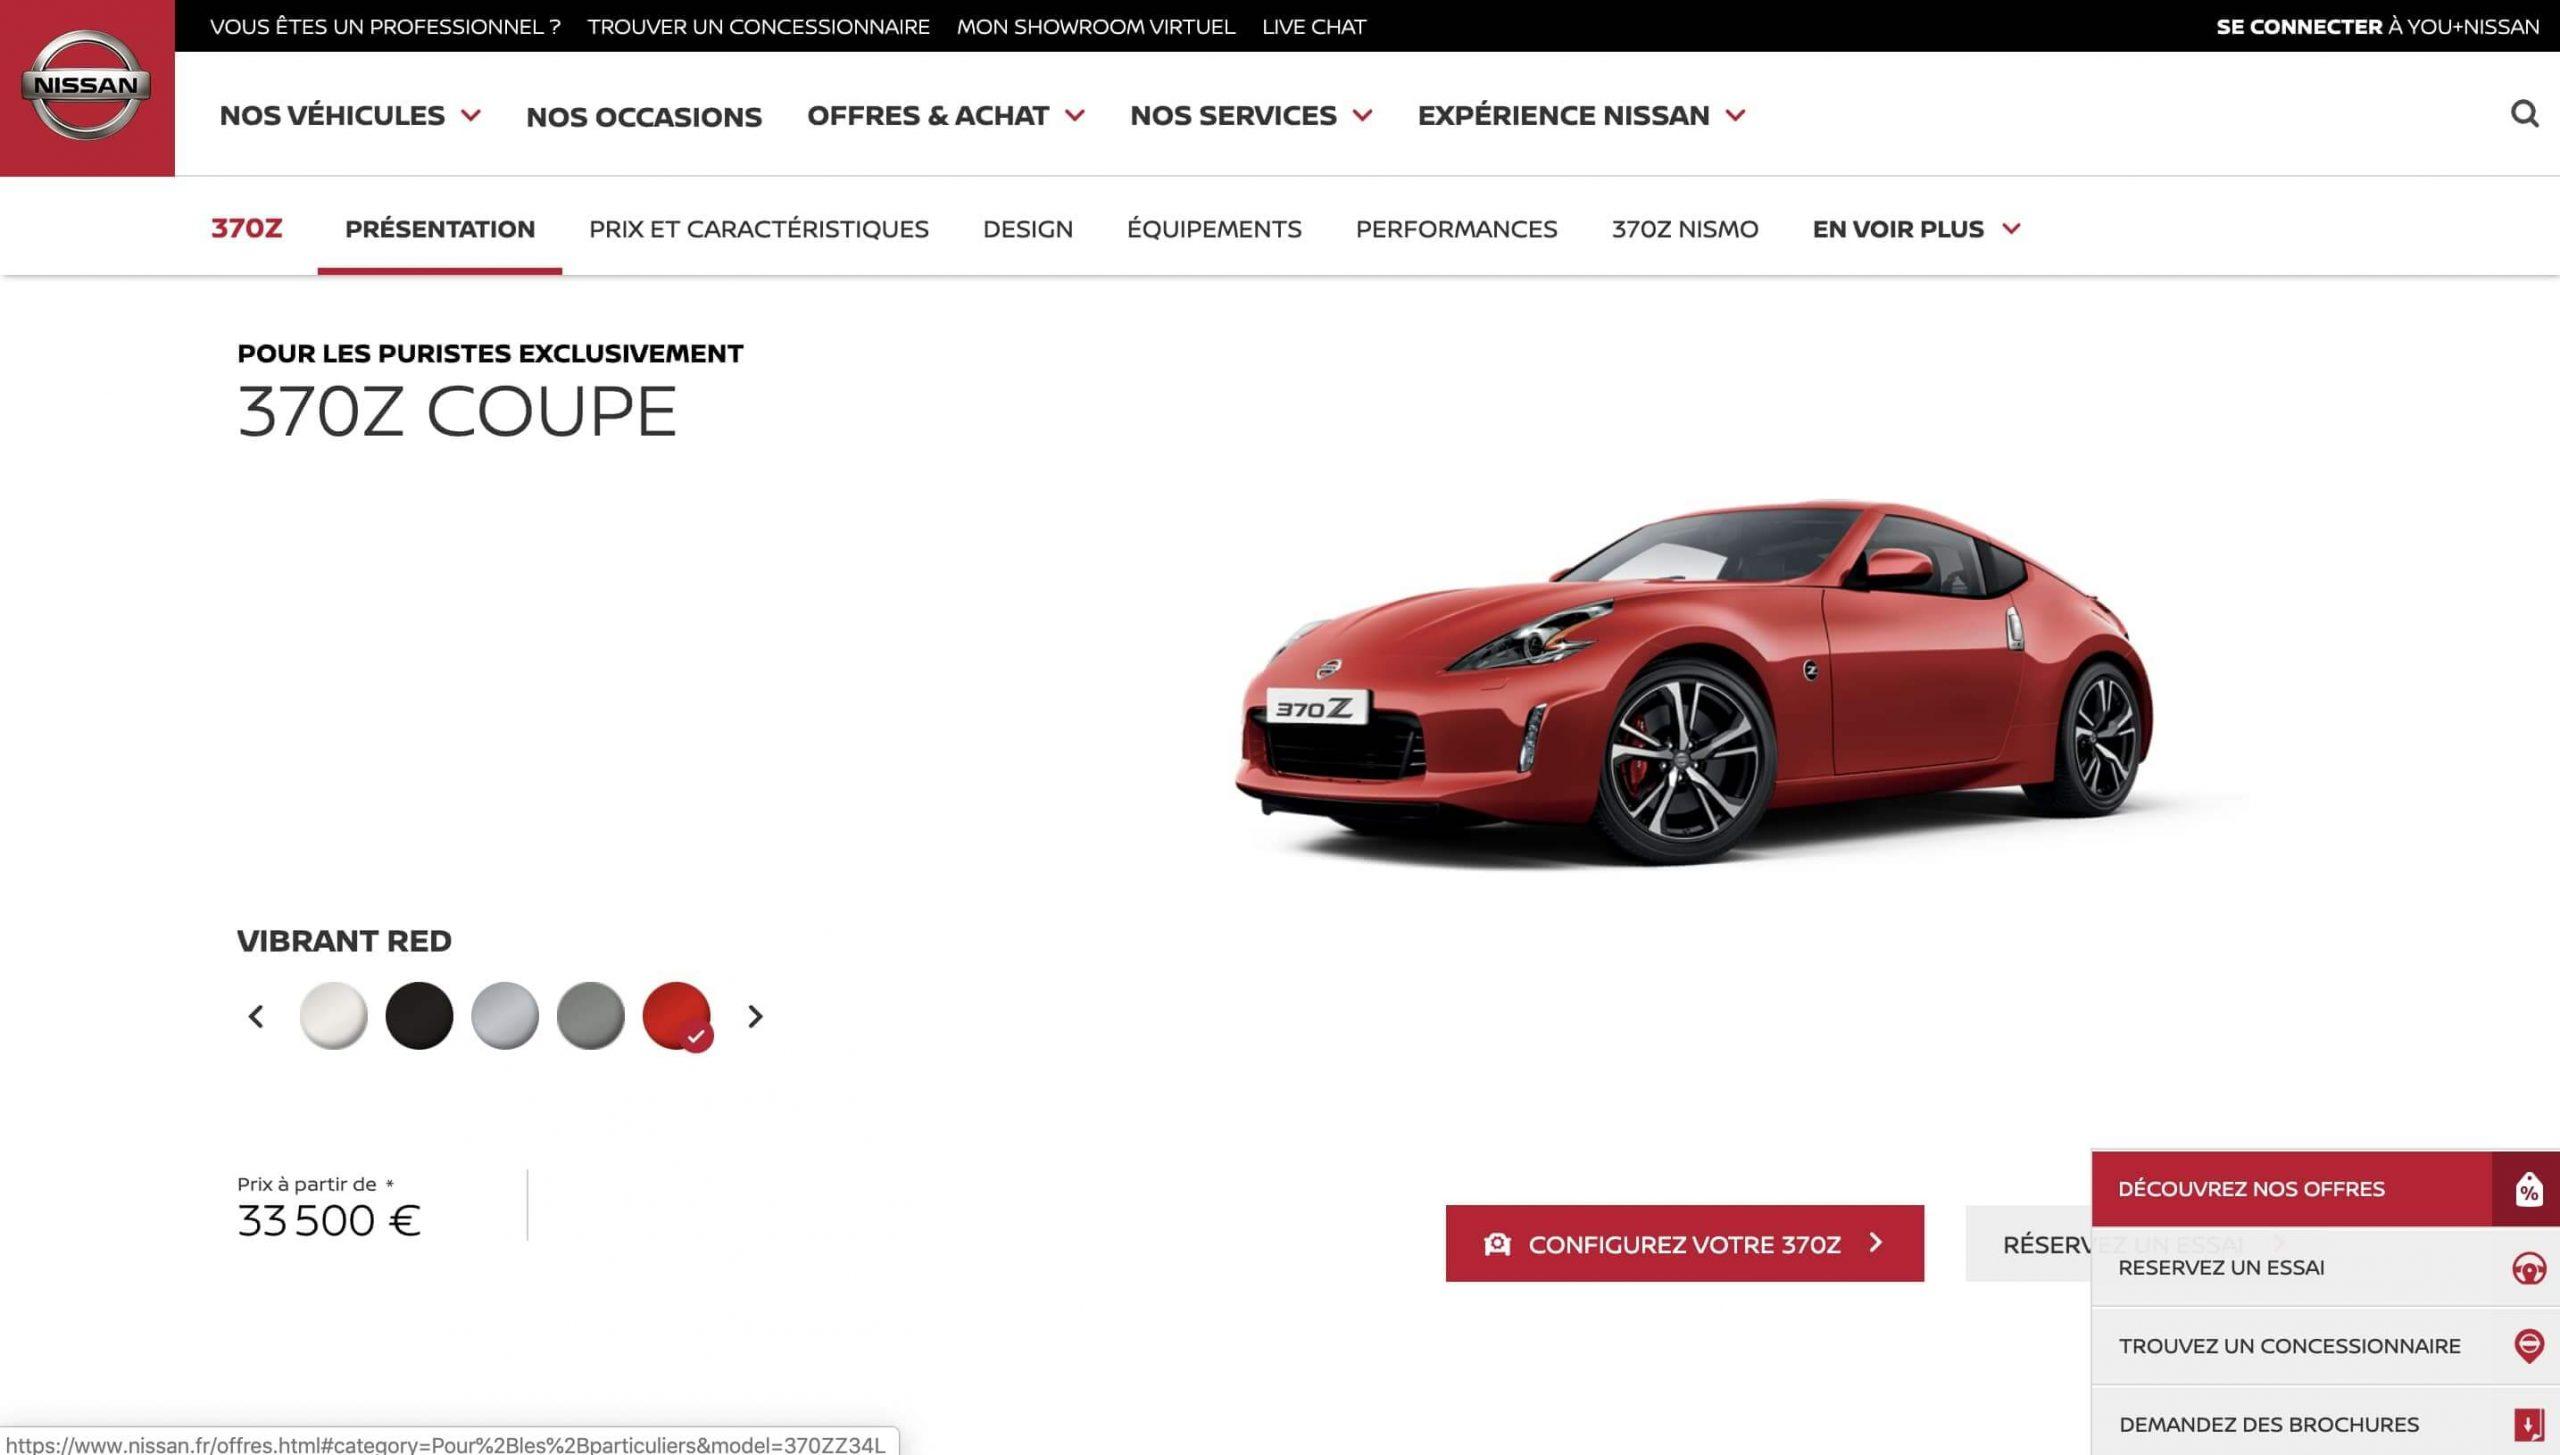 Exemple de la signification des couleurs : utilisation de la couleur rouge. Ici, on retrouve différents éléments graphiques soulignés en rouge, qui suivent l'identité visuelle de la marque tout au long du site. Ayant pour objectif de captiver l'utilisateur.